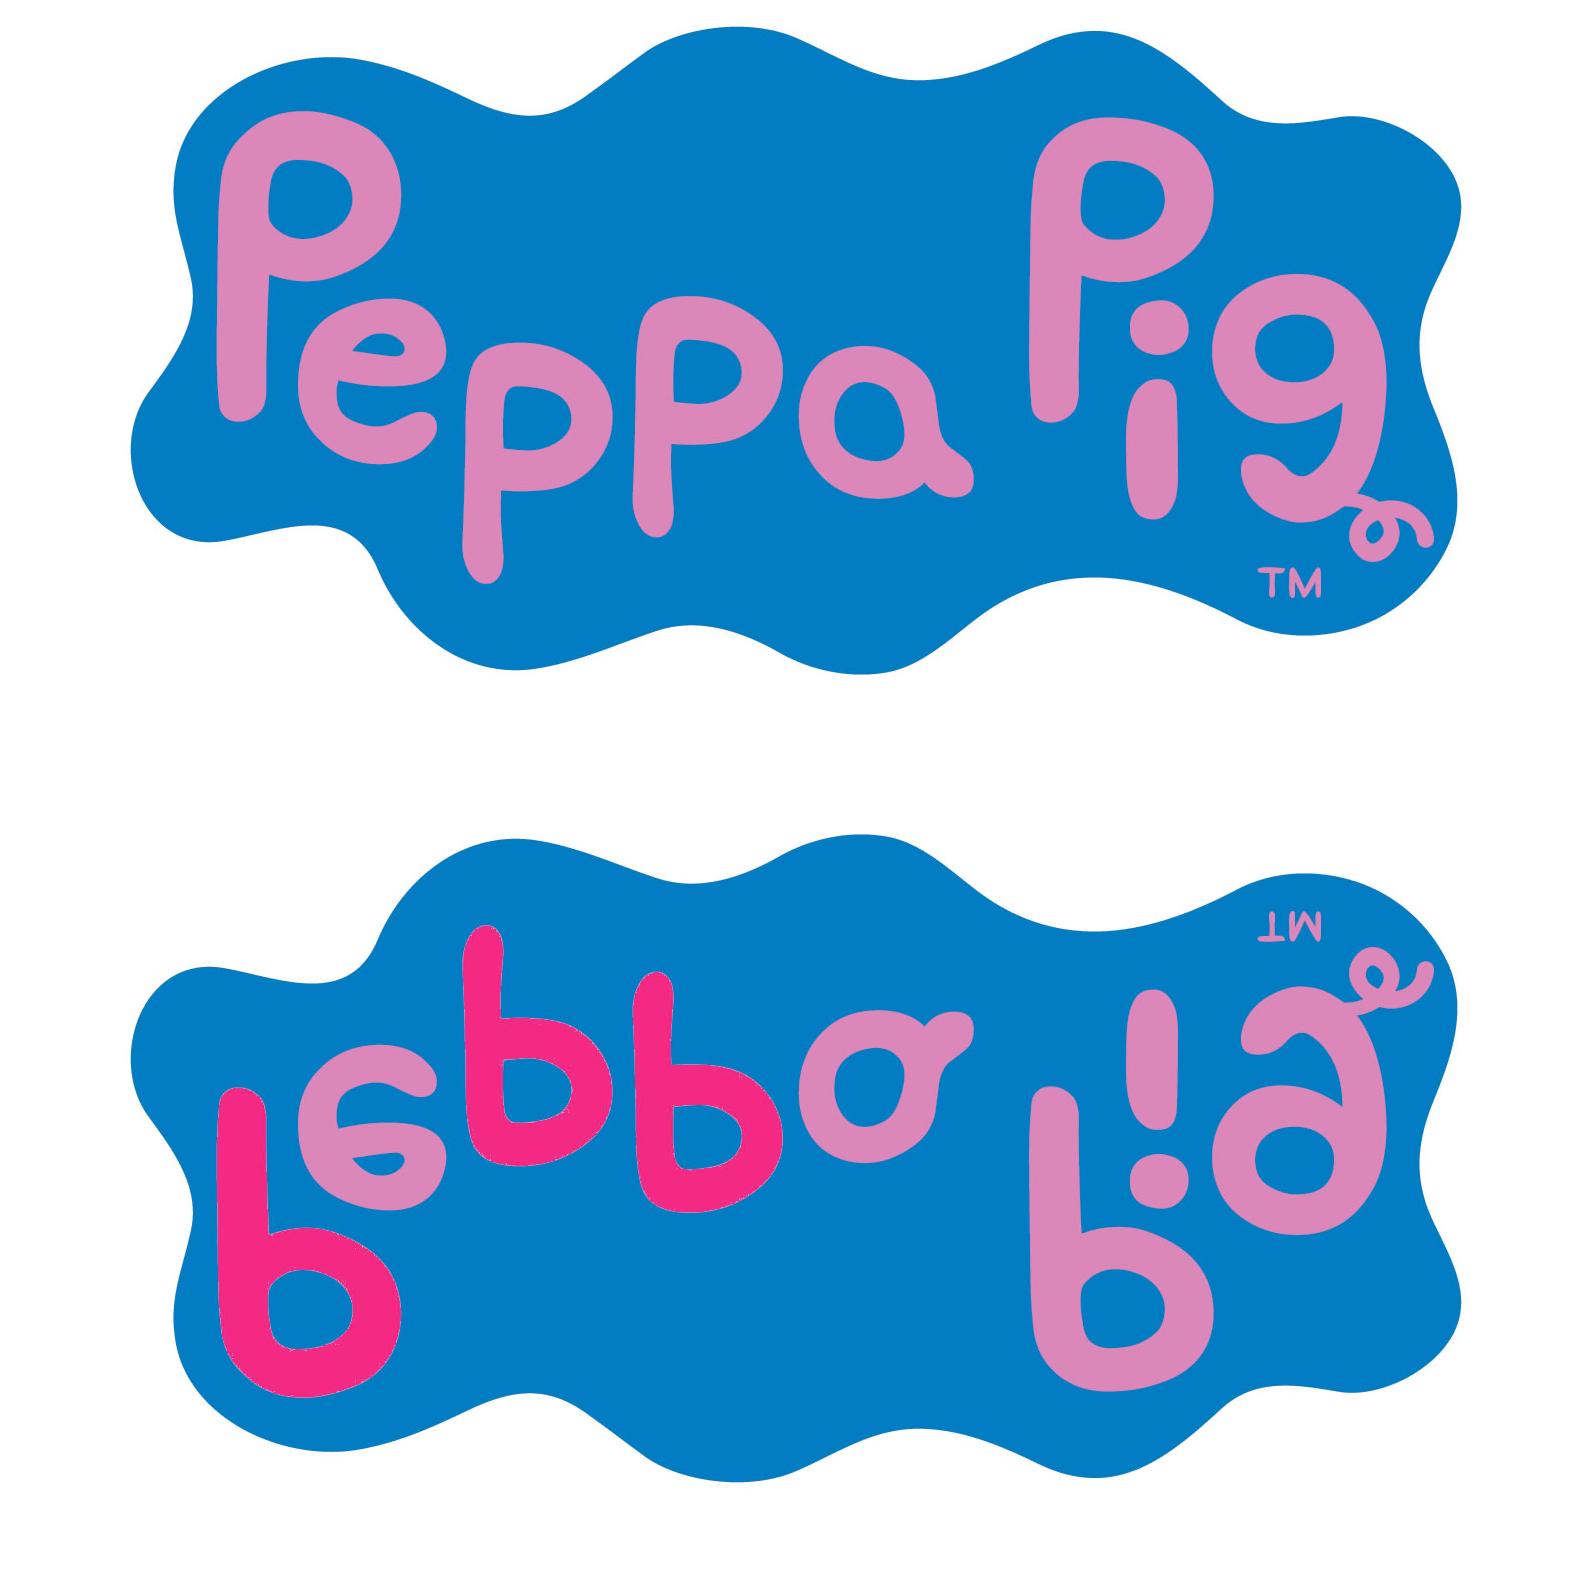 Peppa Pig Logo Free Image